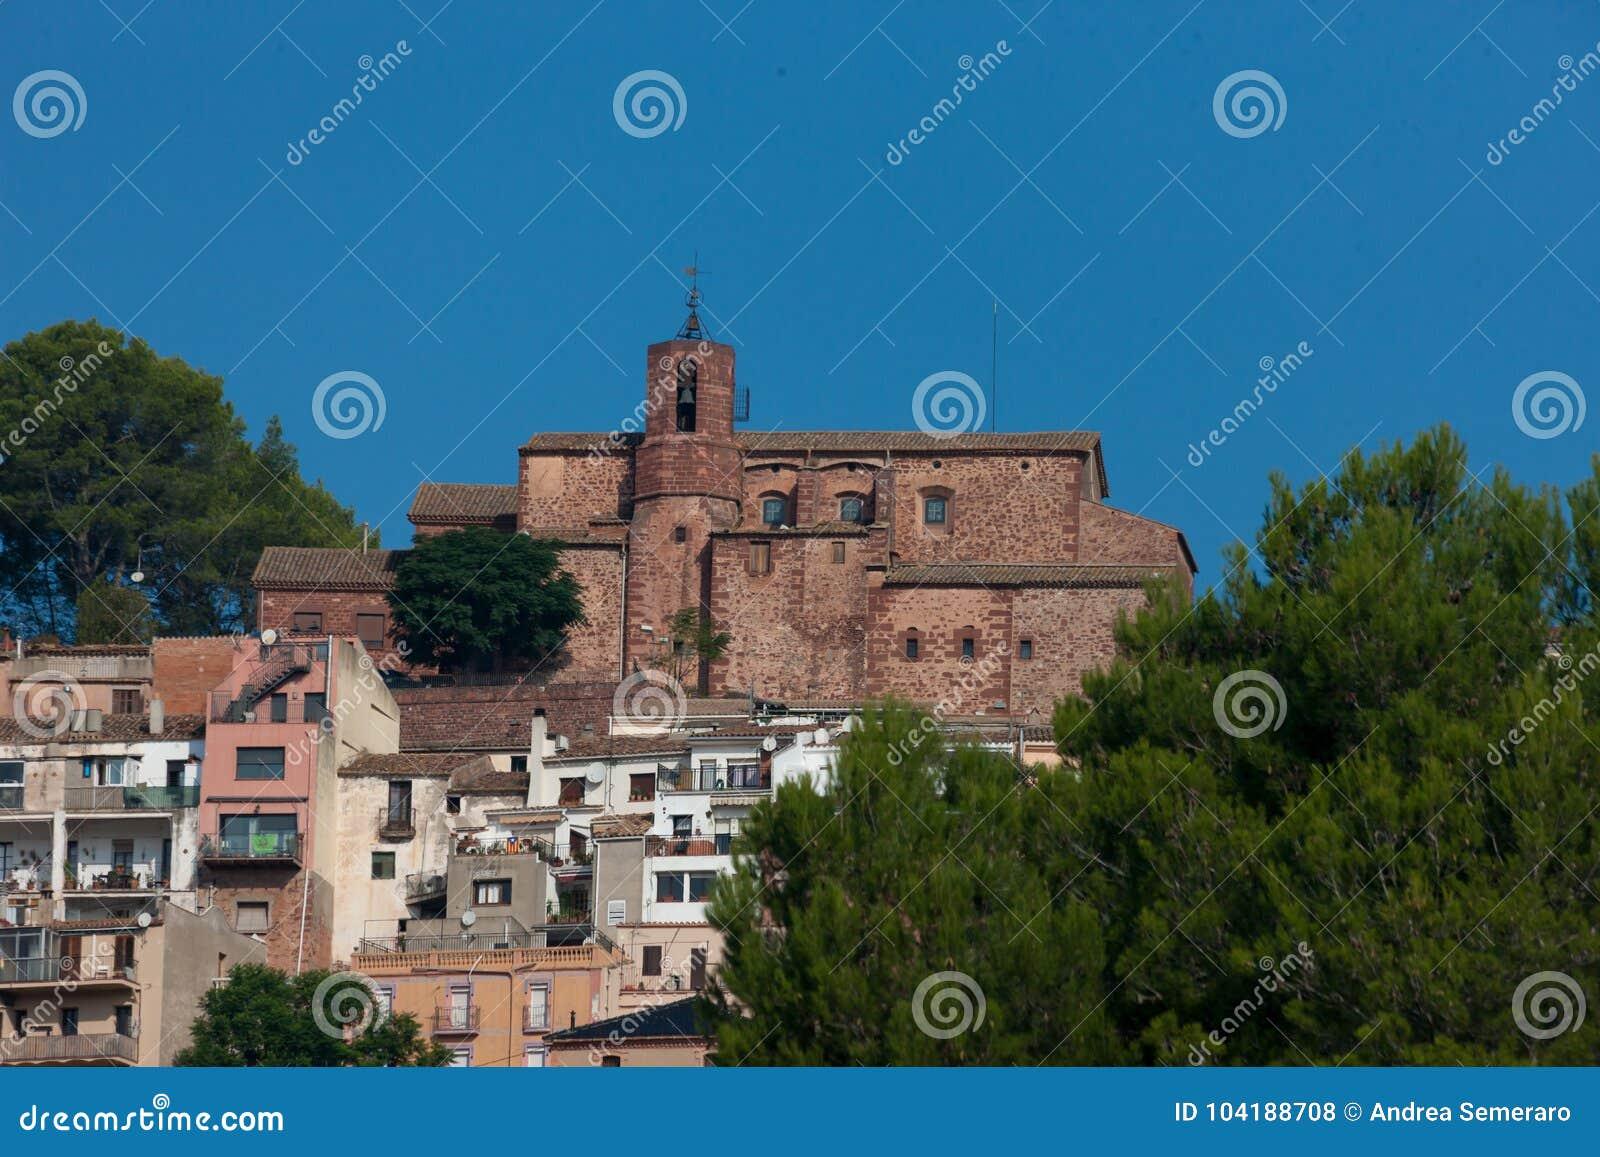 Igreja do século XII